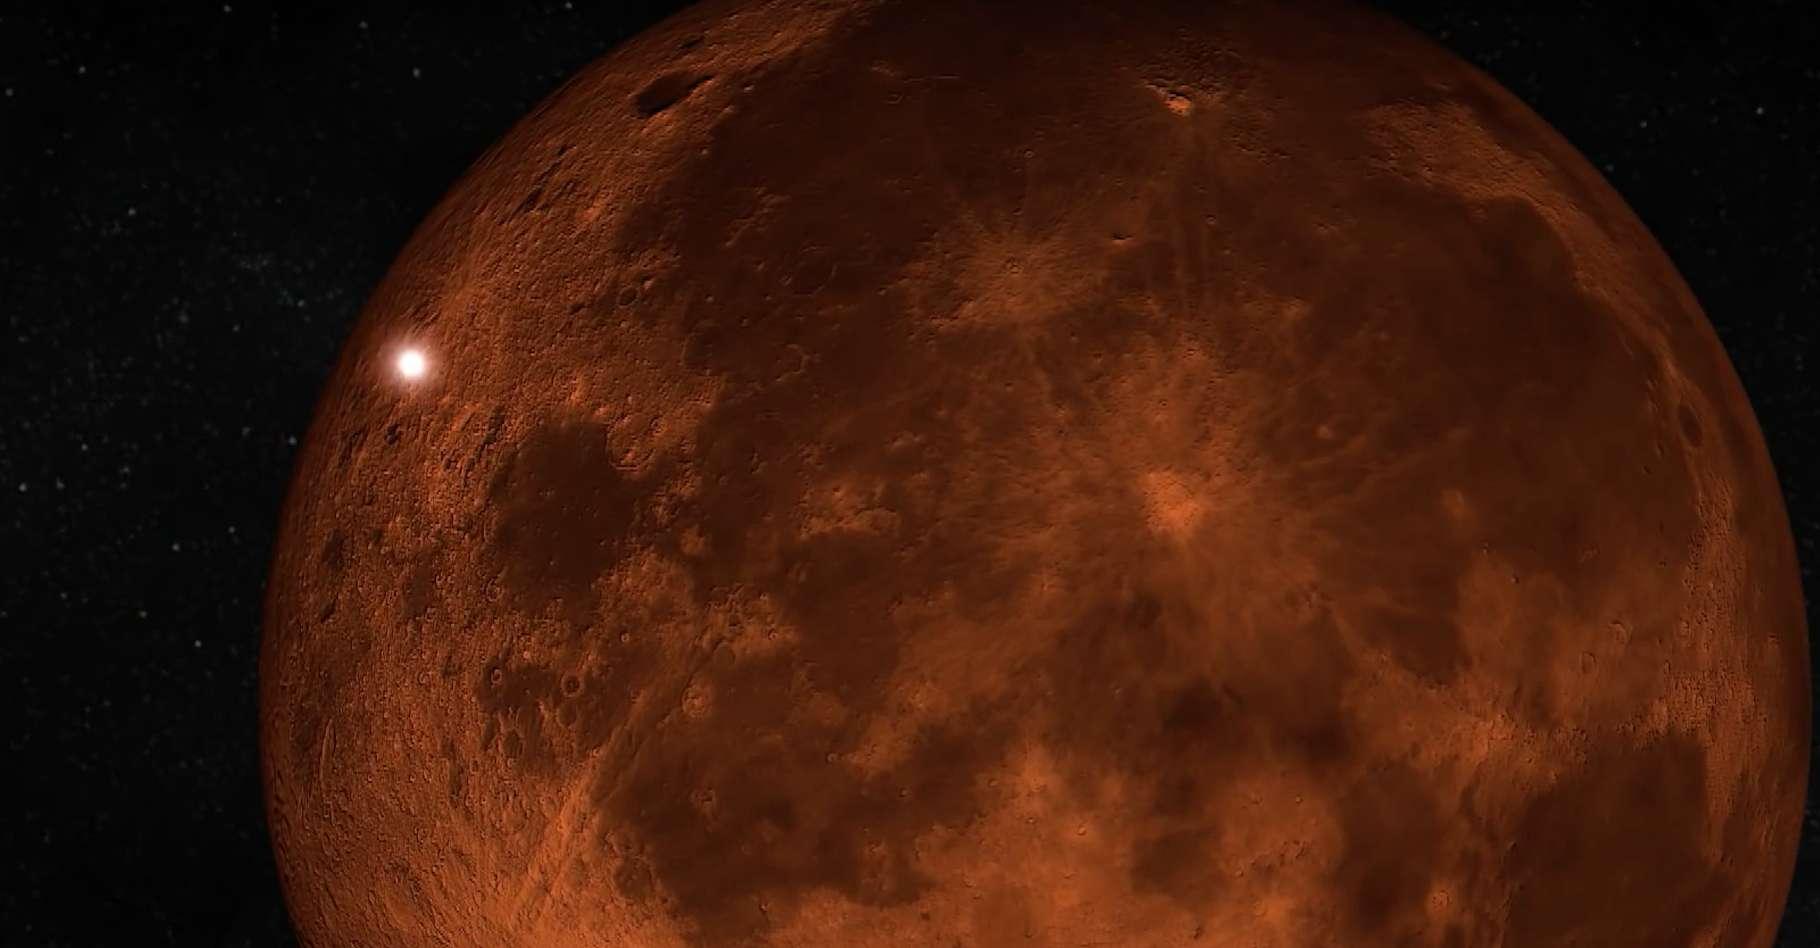 Le flash de l'impact de la météorite sur la Lune éclipsée, vu comme le point brillant en haut à gauche. © J.M. Madiedo, MIDAS, YouTube